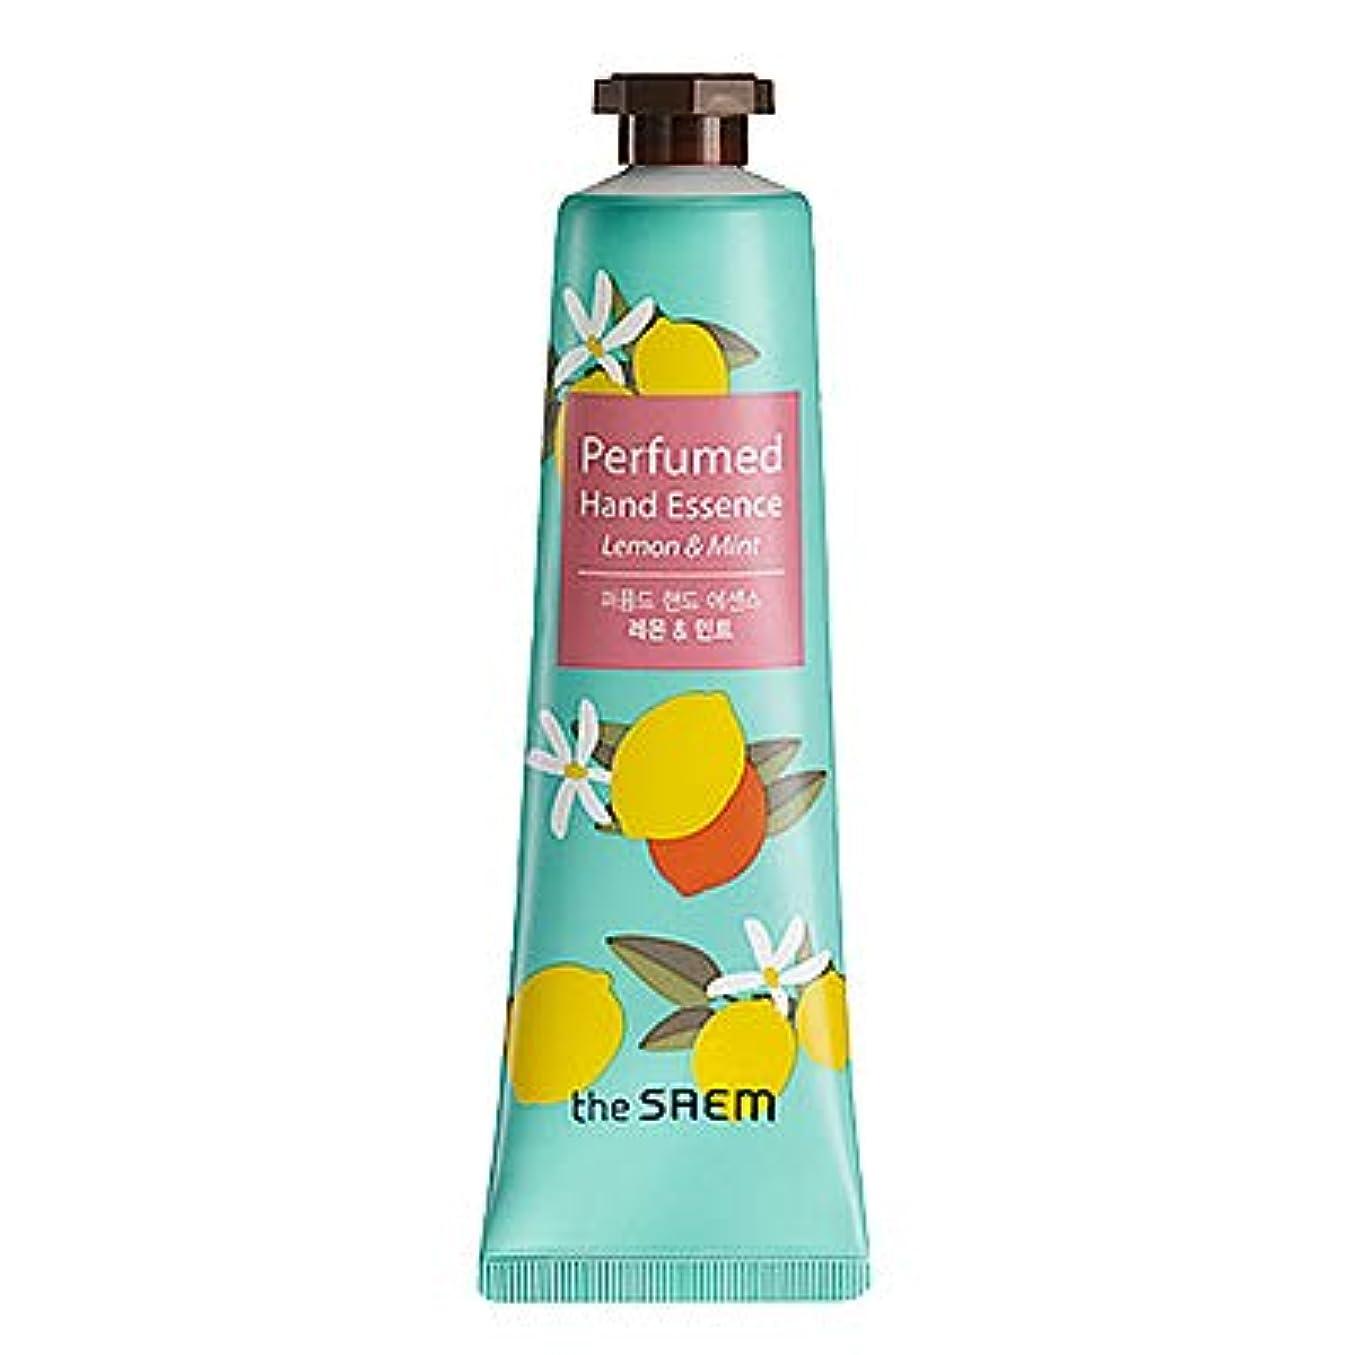 マトリックス発明するガイドラインtheSAEM ザセム パヒューム ハンド エッセンス ハンド クリーム PERFUMED HAND CREAM ESSENCE 韓国コスメ (D-Remon Mint(レモン&ミント))